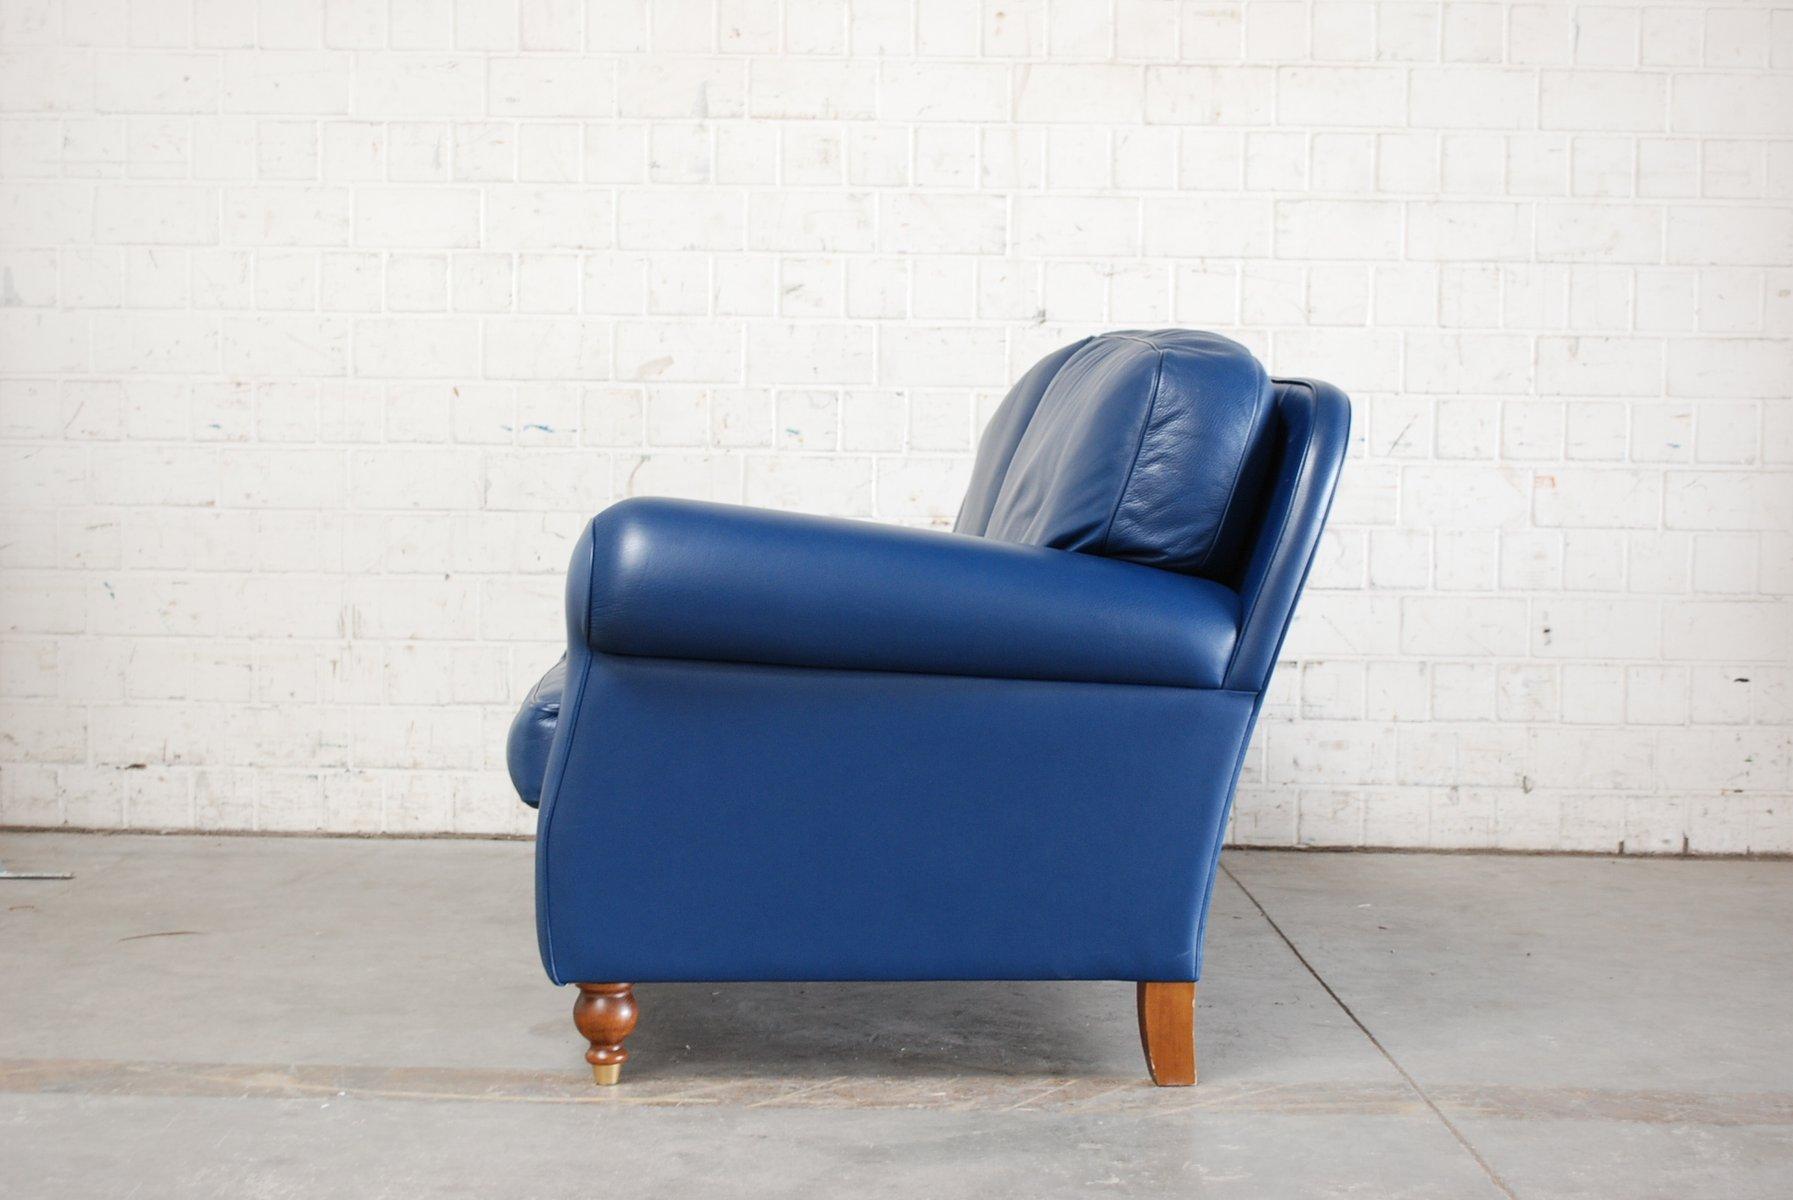 Canap george en cuir bleu de poltrona frau 1999 en vente - Canape cuir bleu ciel ...